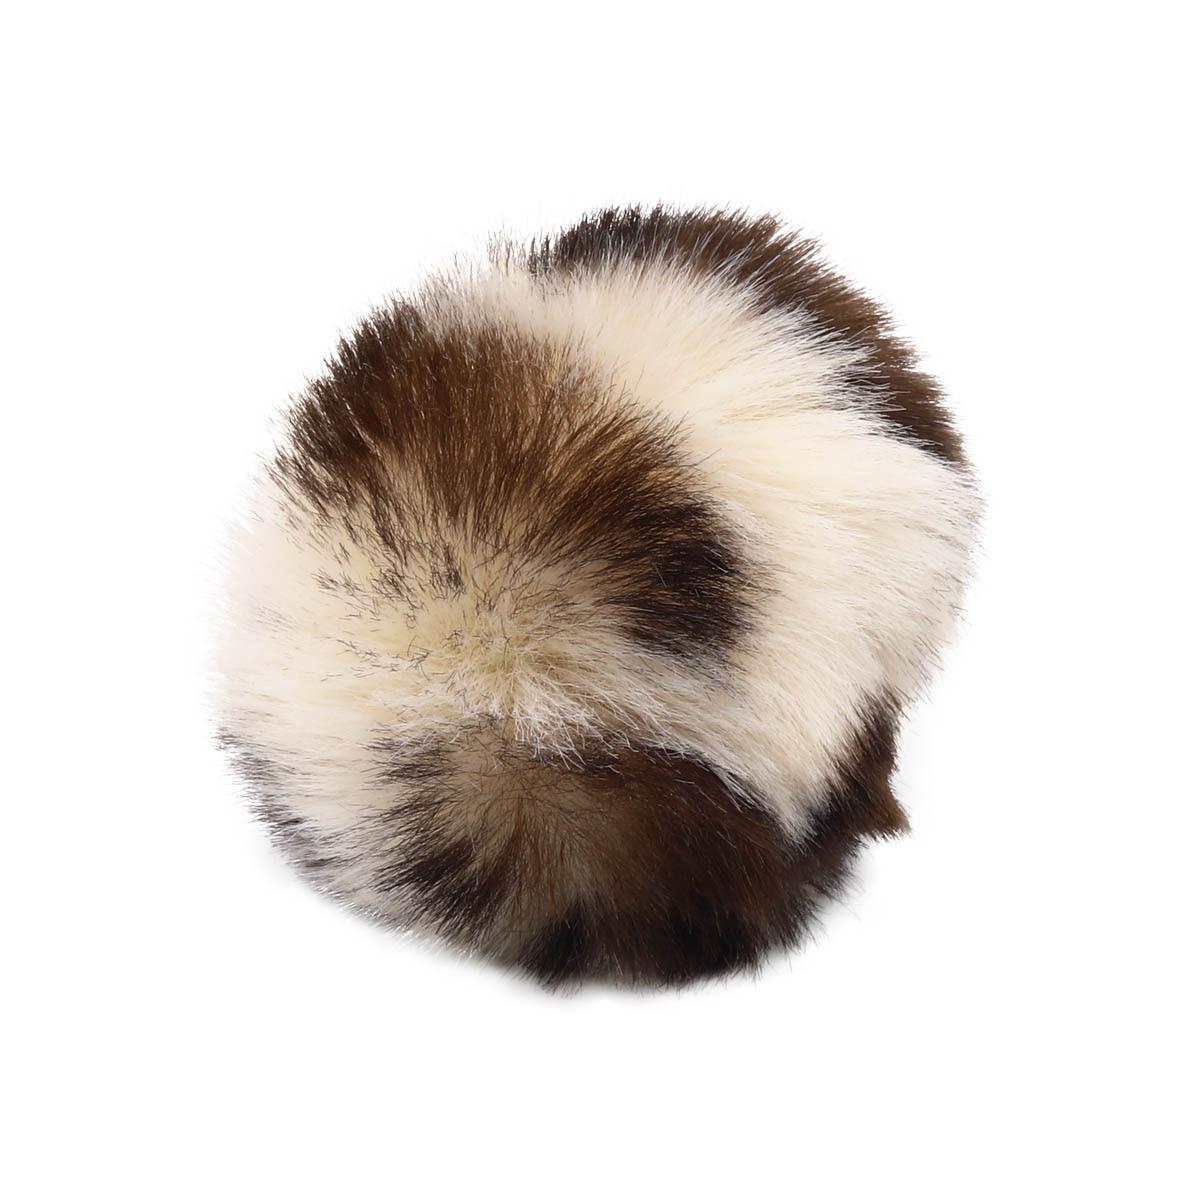 Ar528 Pompon Artificial Fur, Leopard, 5 Cm 2 Pcs/pack (white-brown)